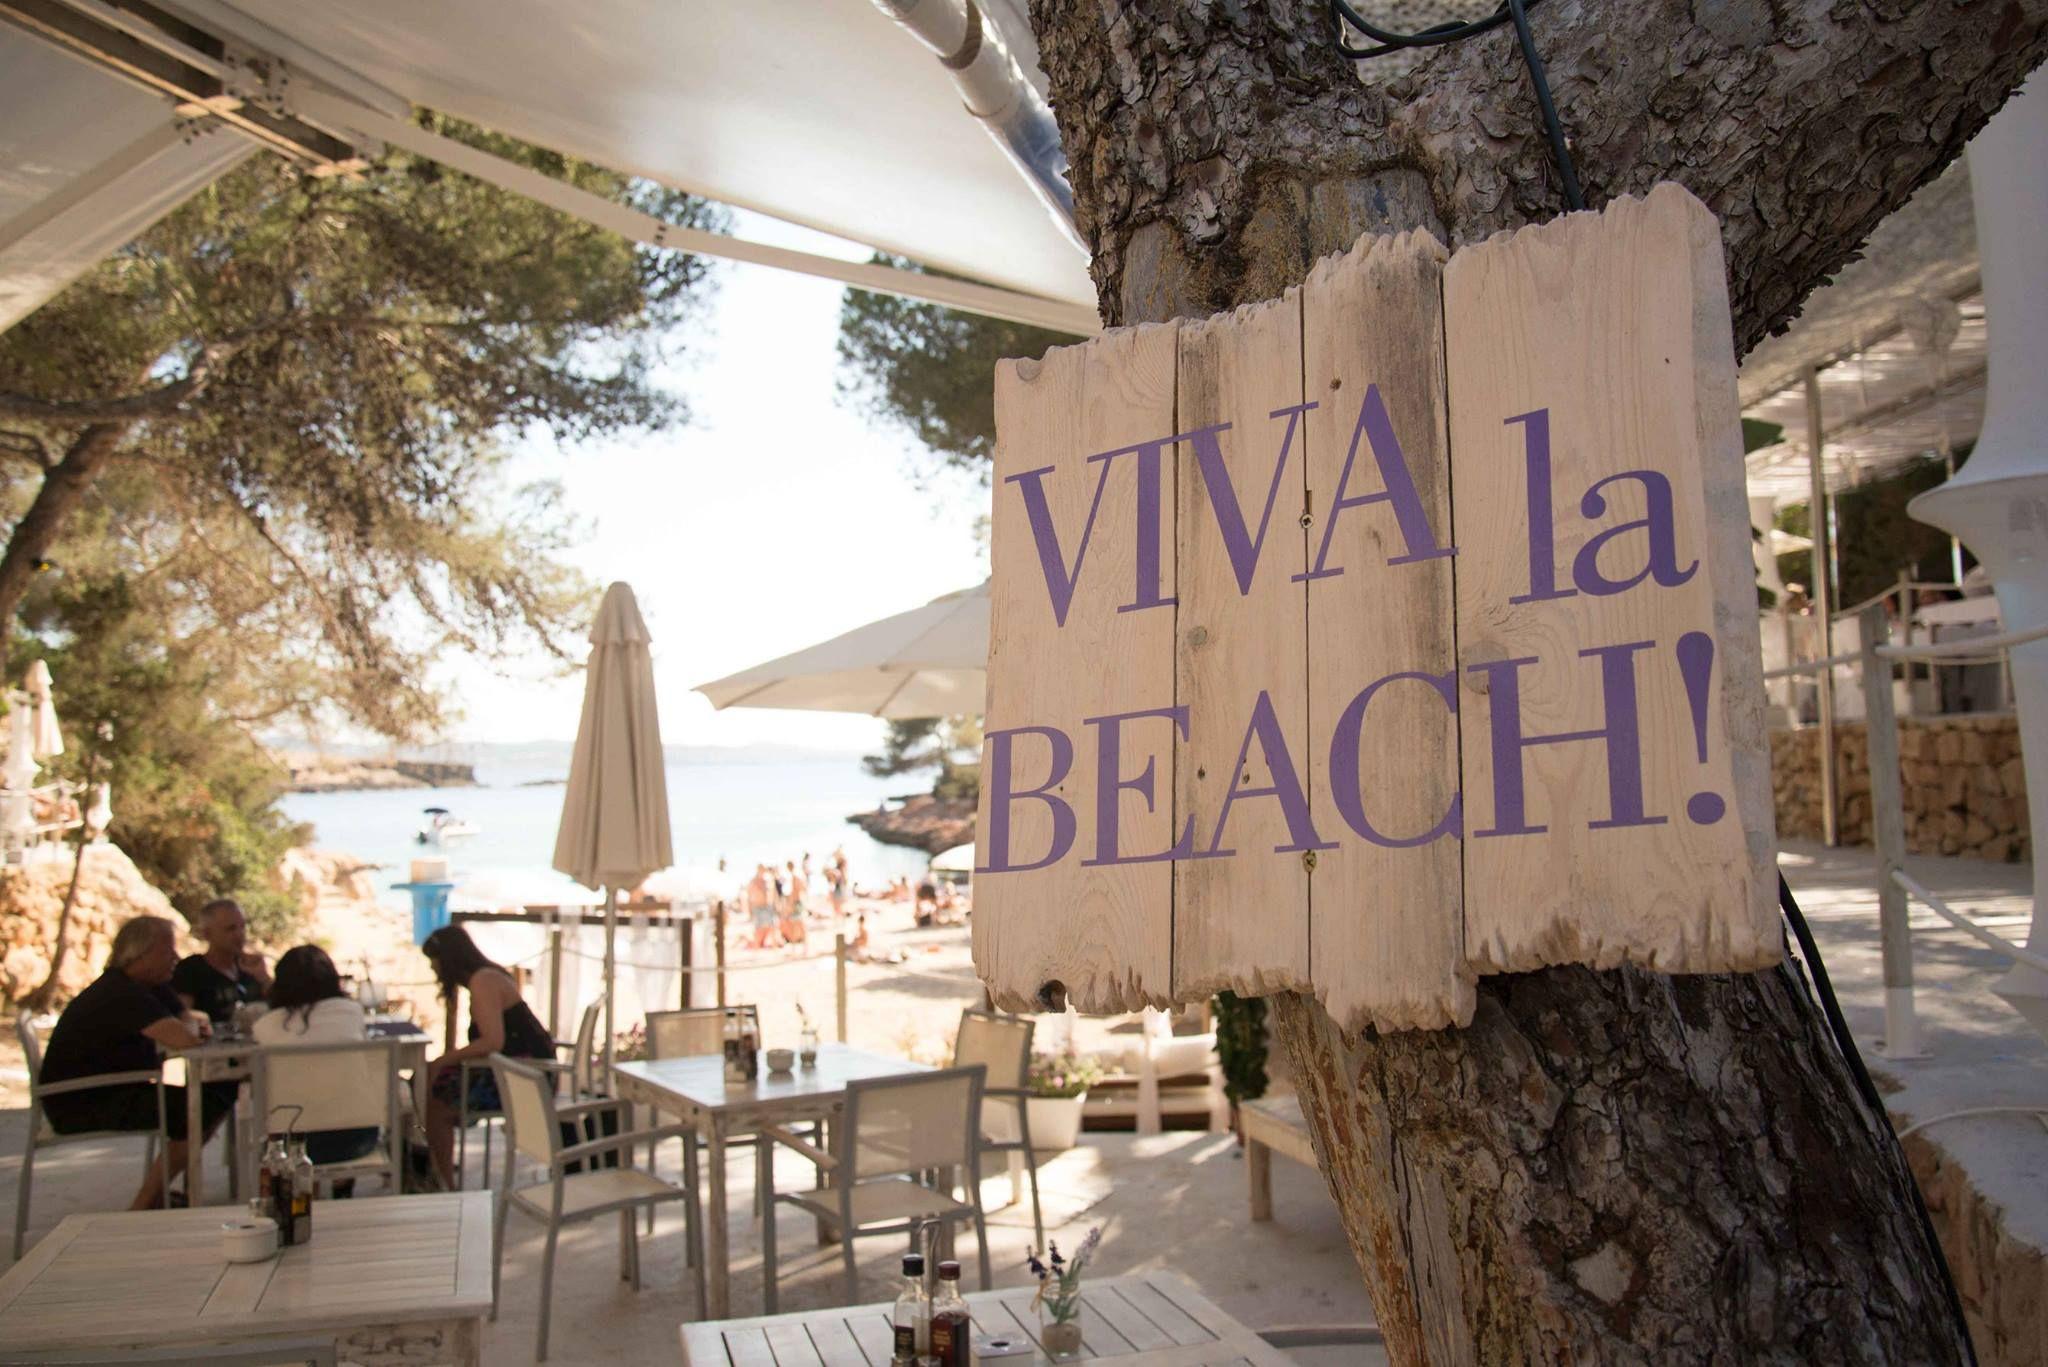 Viva la beach!